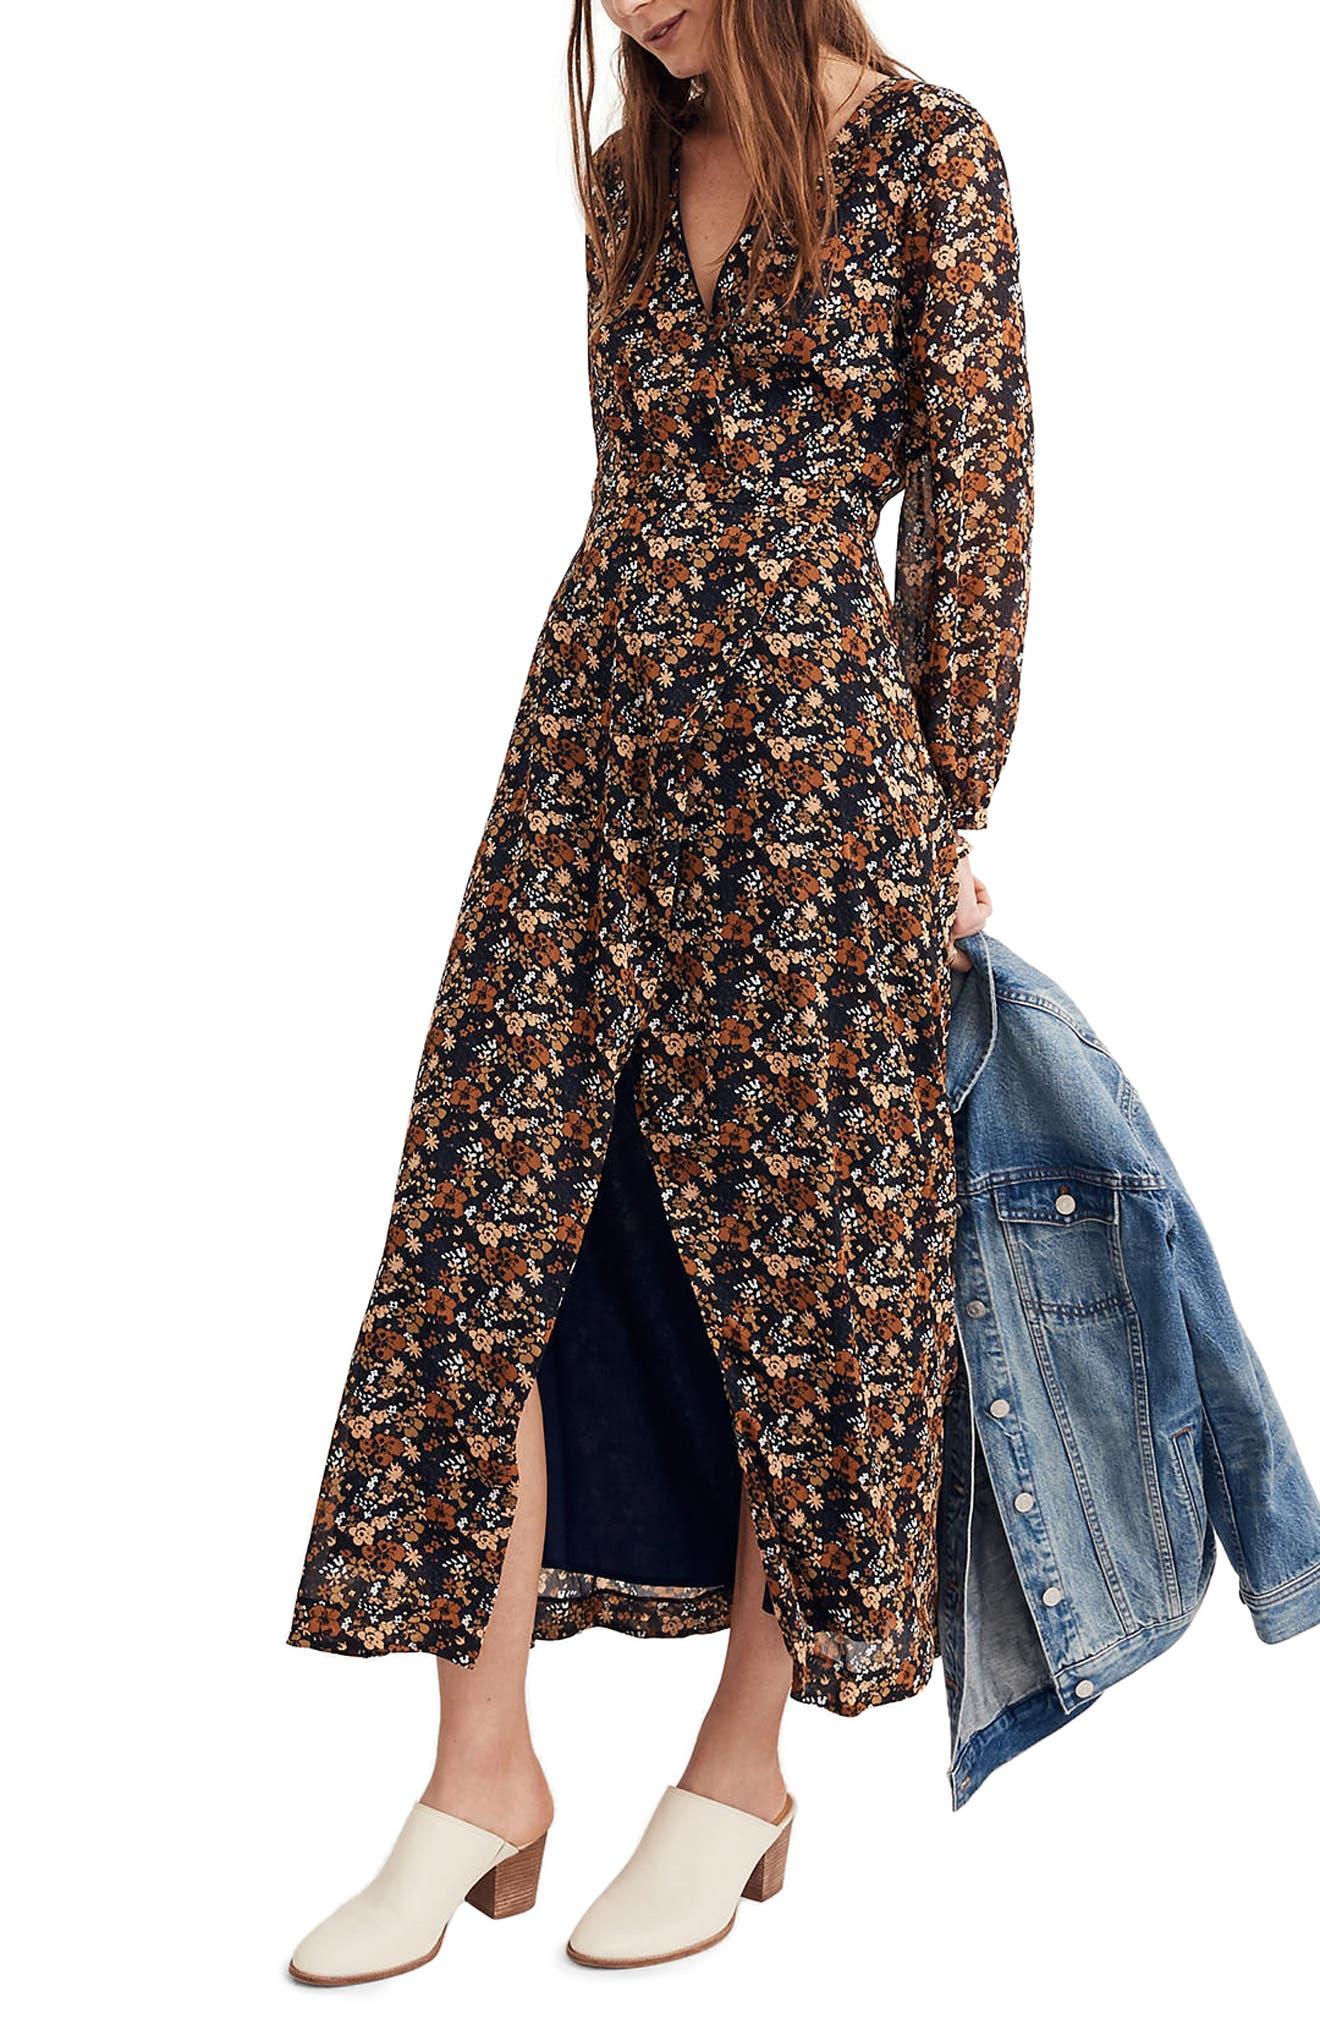 Main Image - Madewell Nightflower Maxi Dress